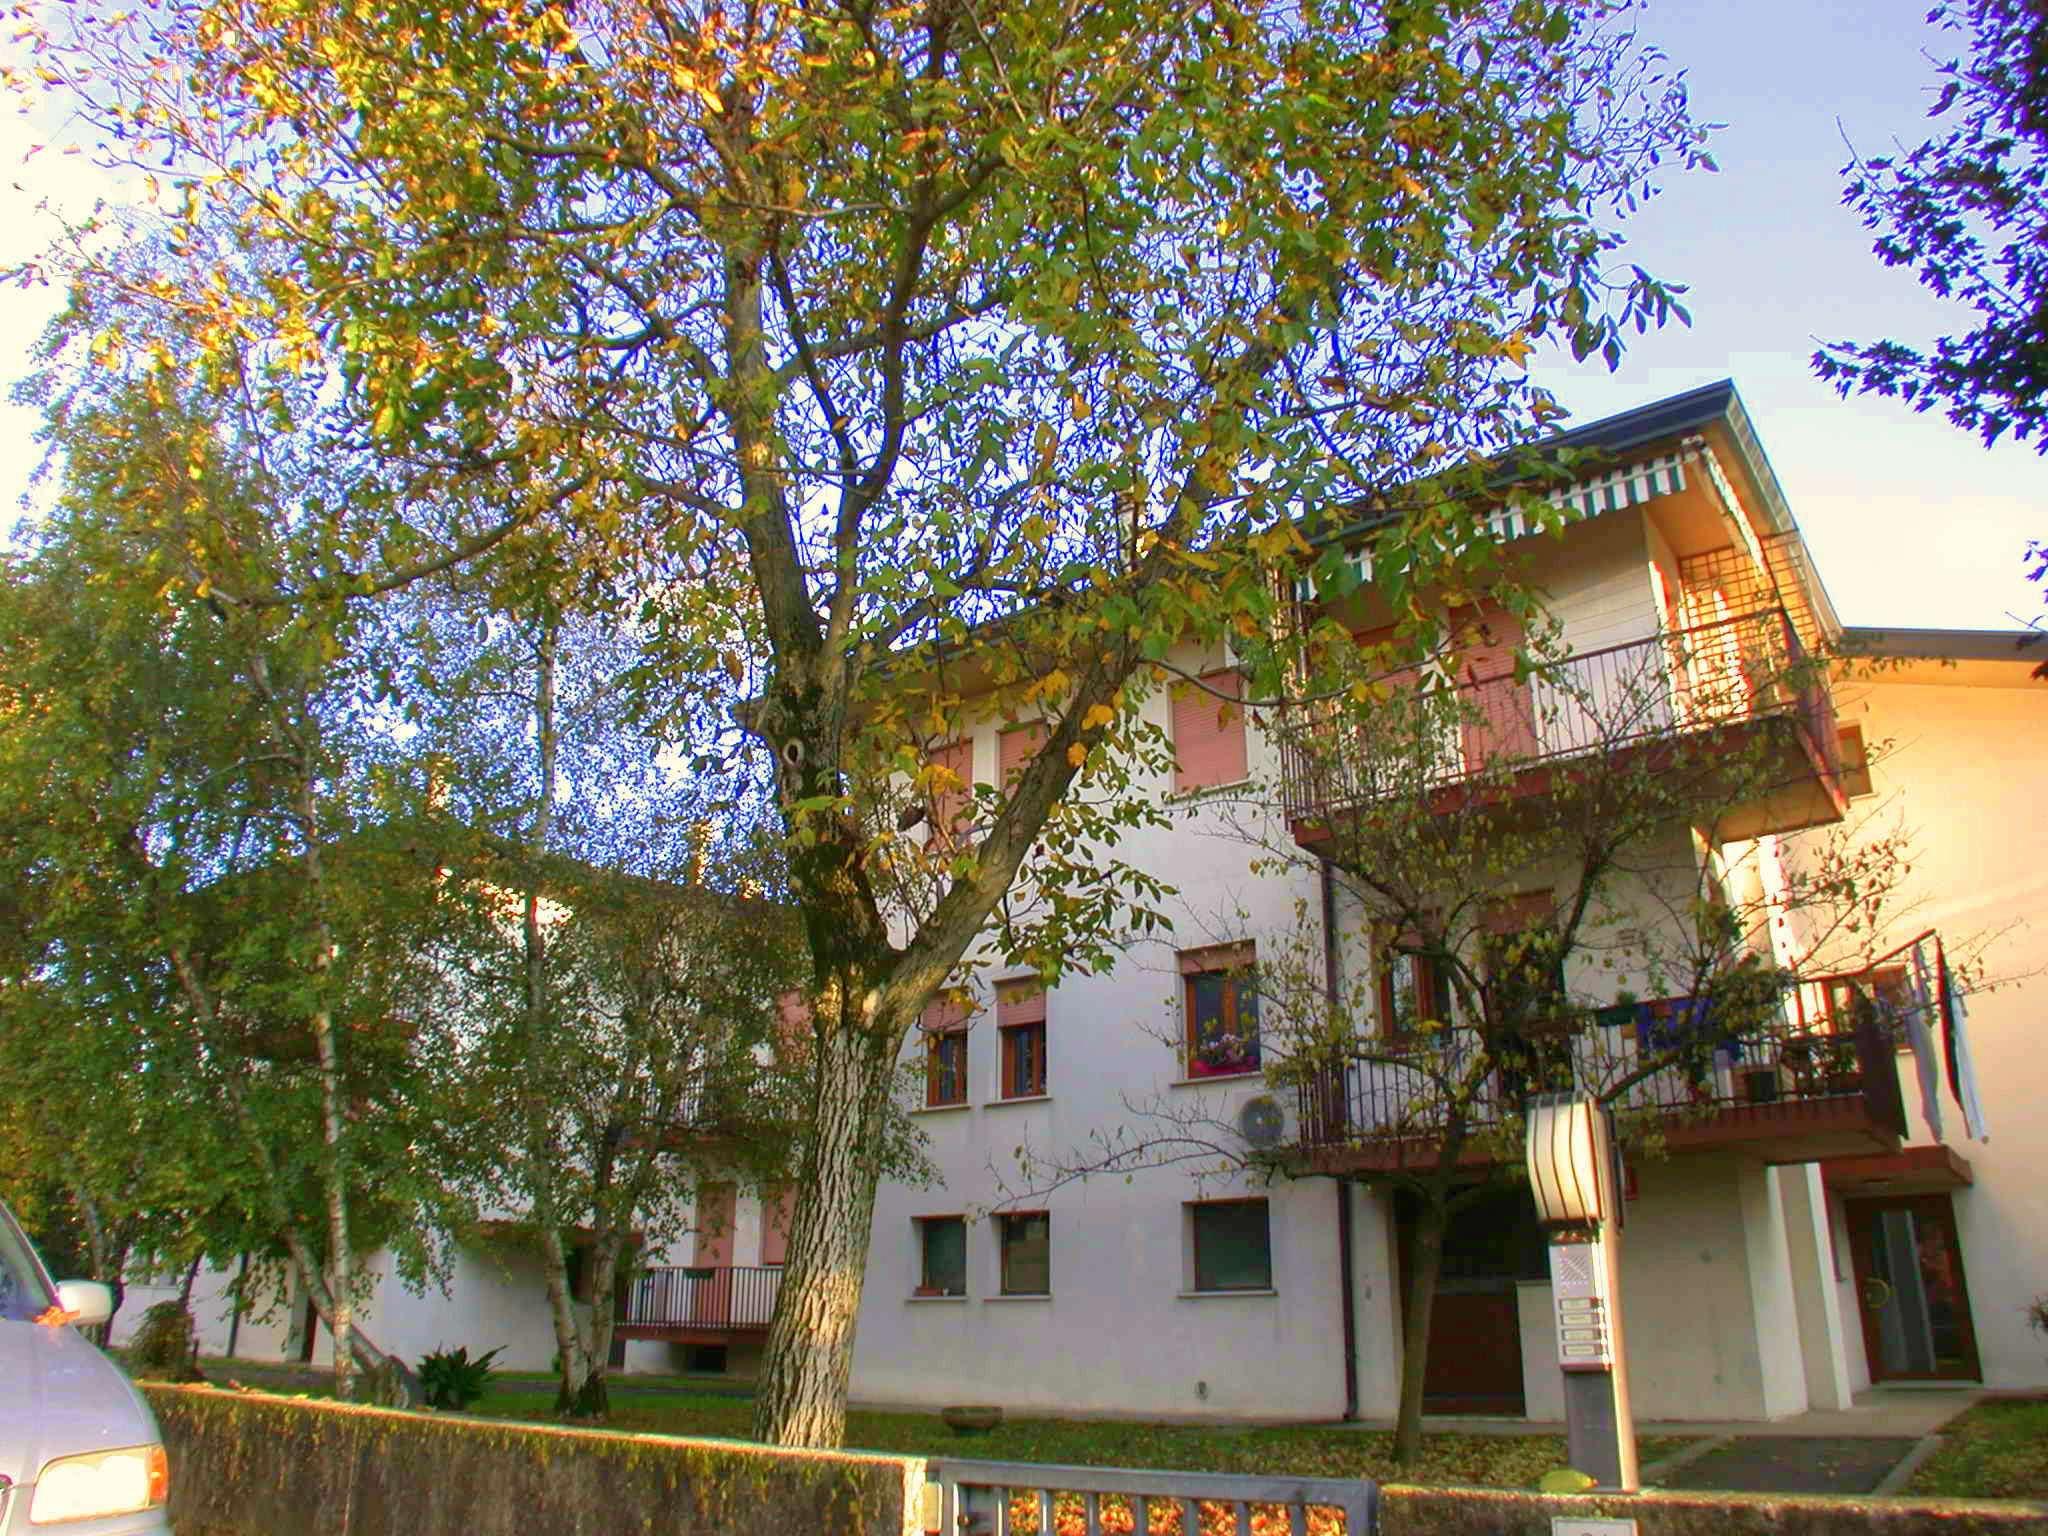 Mignagola vendesi appartamento in piccola palazzina